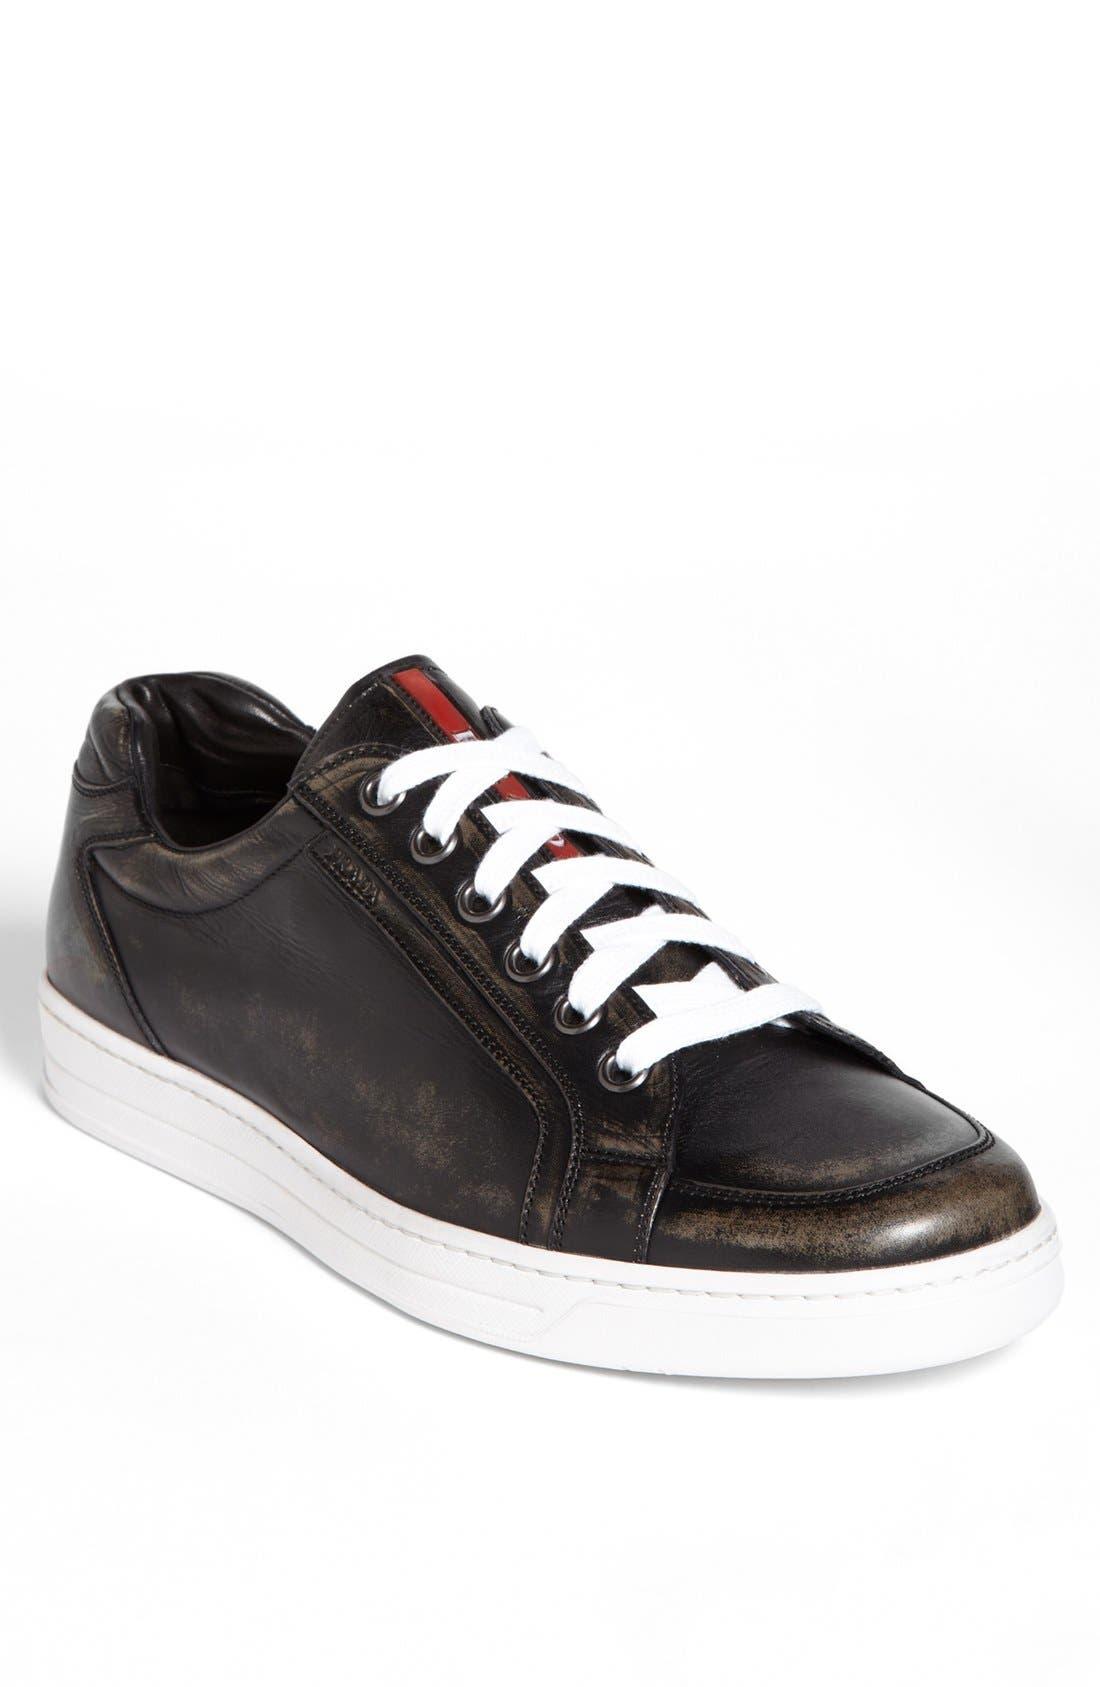 Alternate Image 1 Selected - Prada 'Avenue' Sneaker